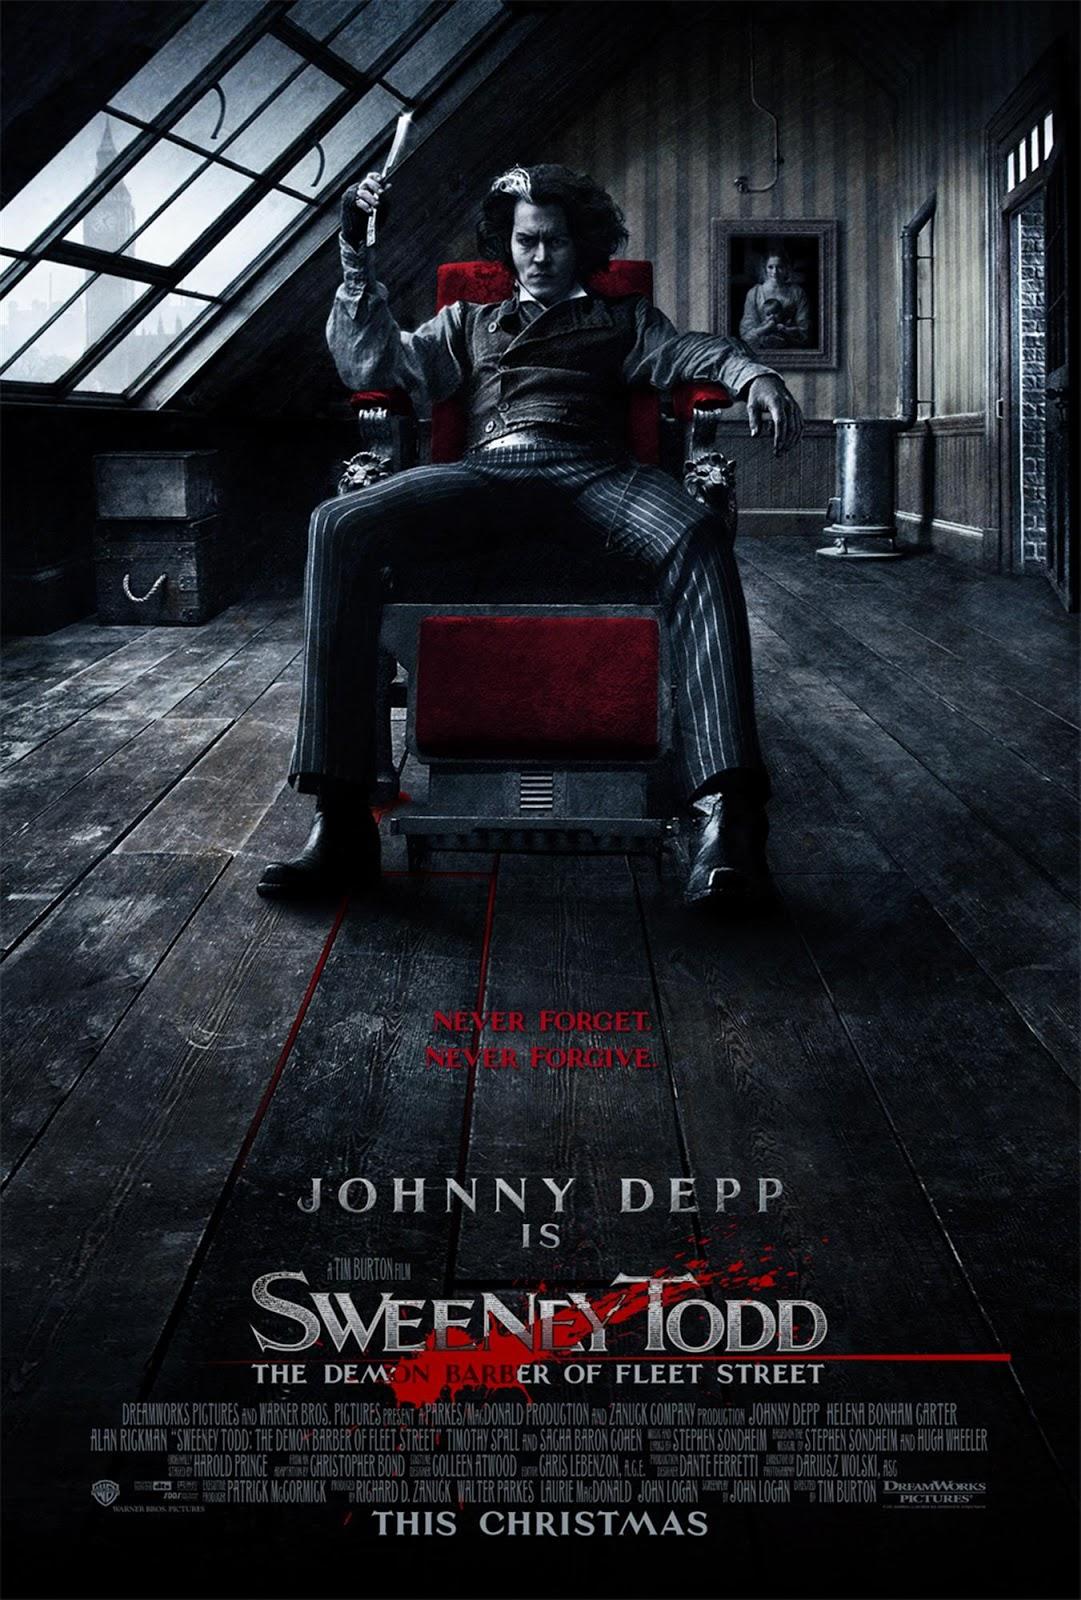 Film Review – Sweeney Todd: Demon Barber of Fleet Street